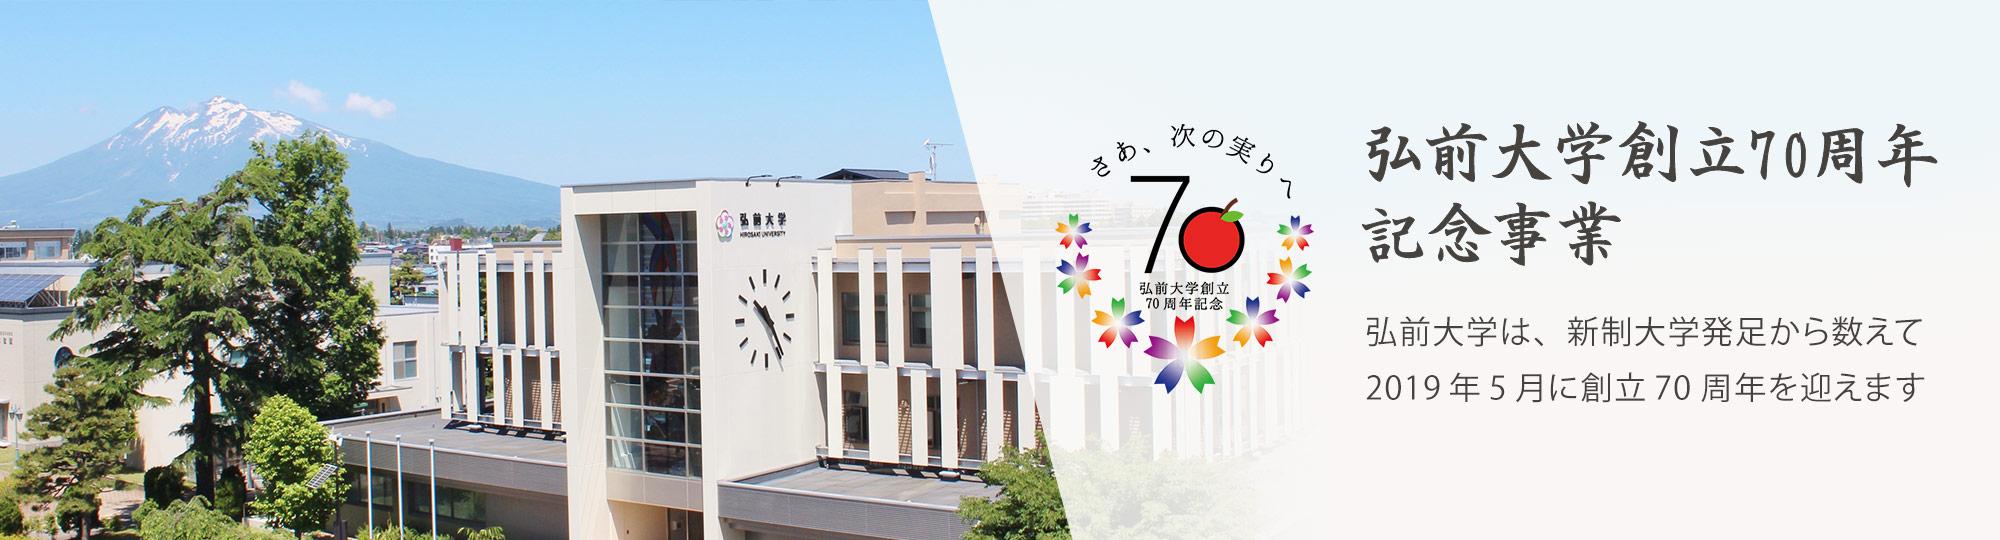 弘前大学70周年記念事業